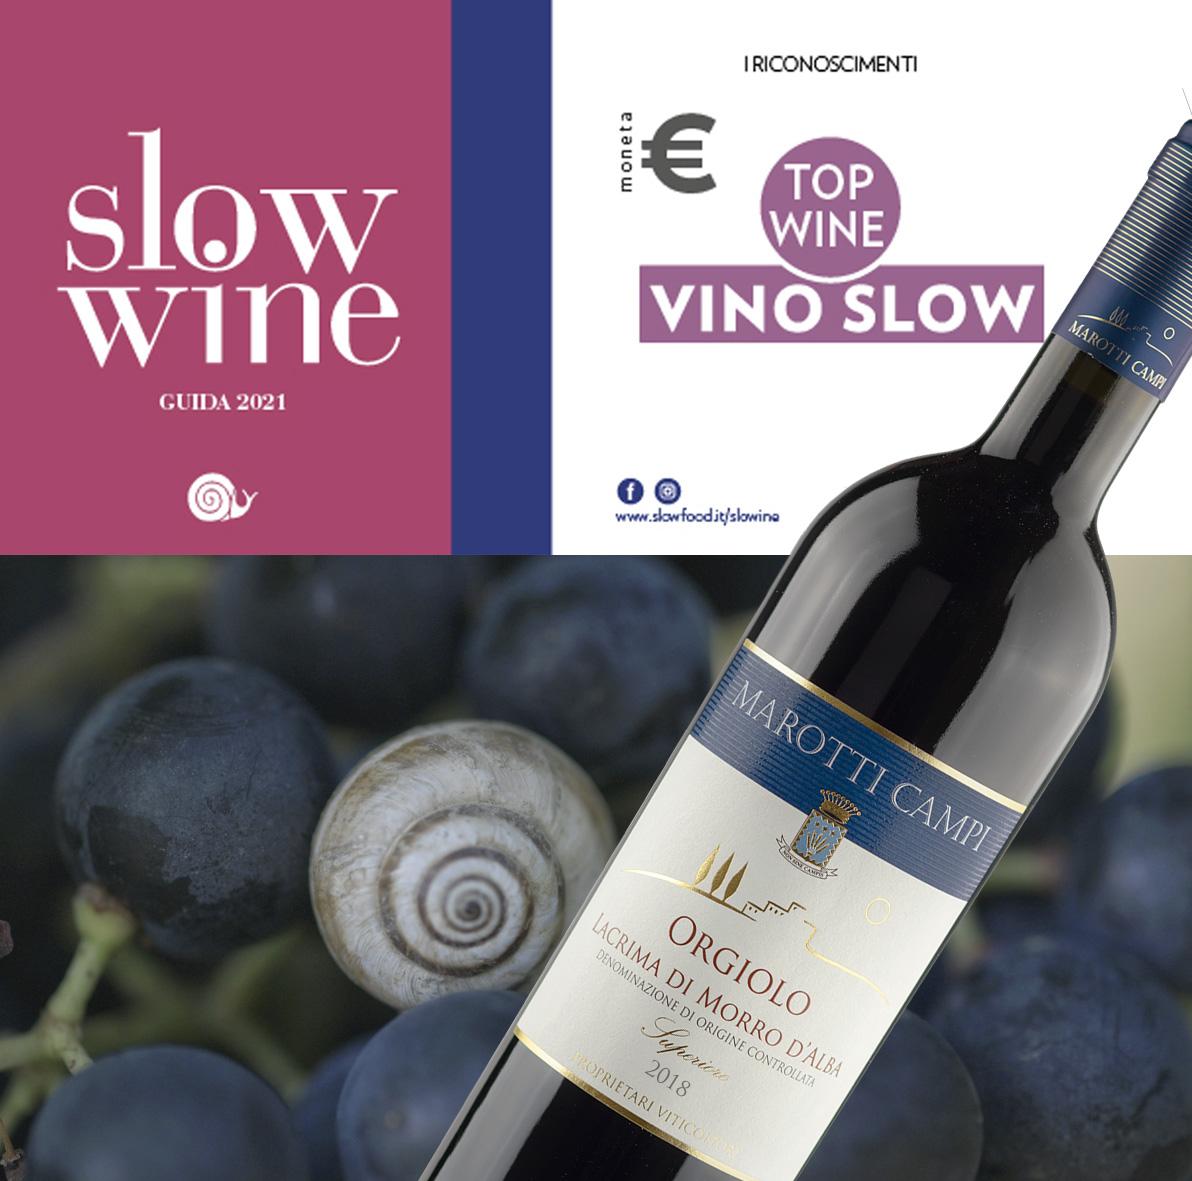 Slow Wine Guide 2021 Orgiolo Lacrima di Morro d'Alba DOC Superiore 18 Vino Slow